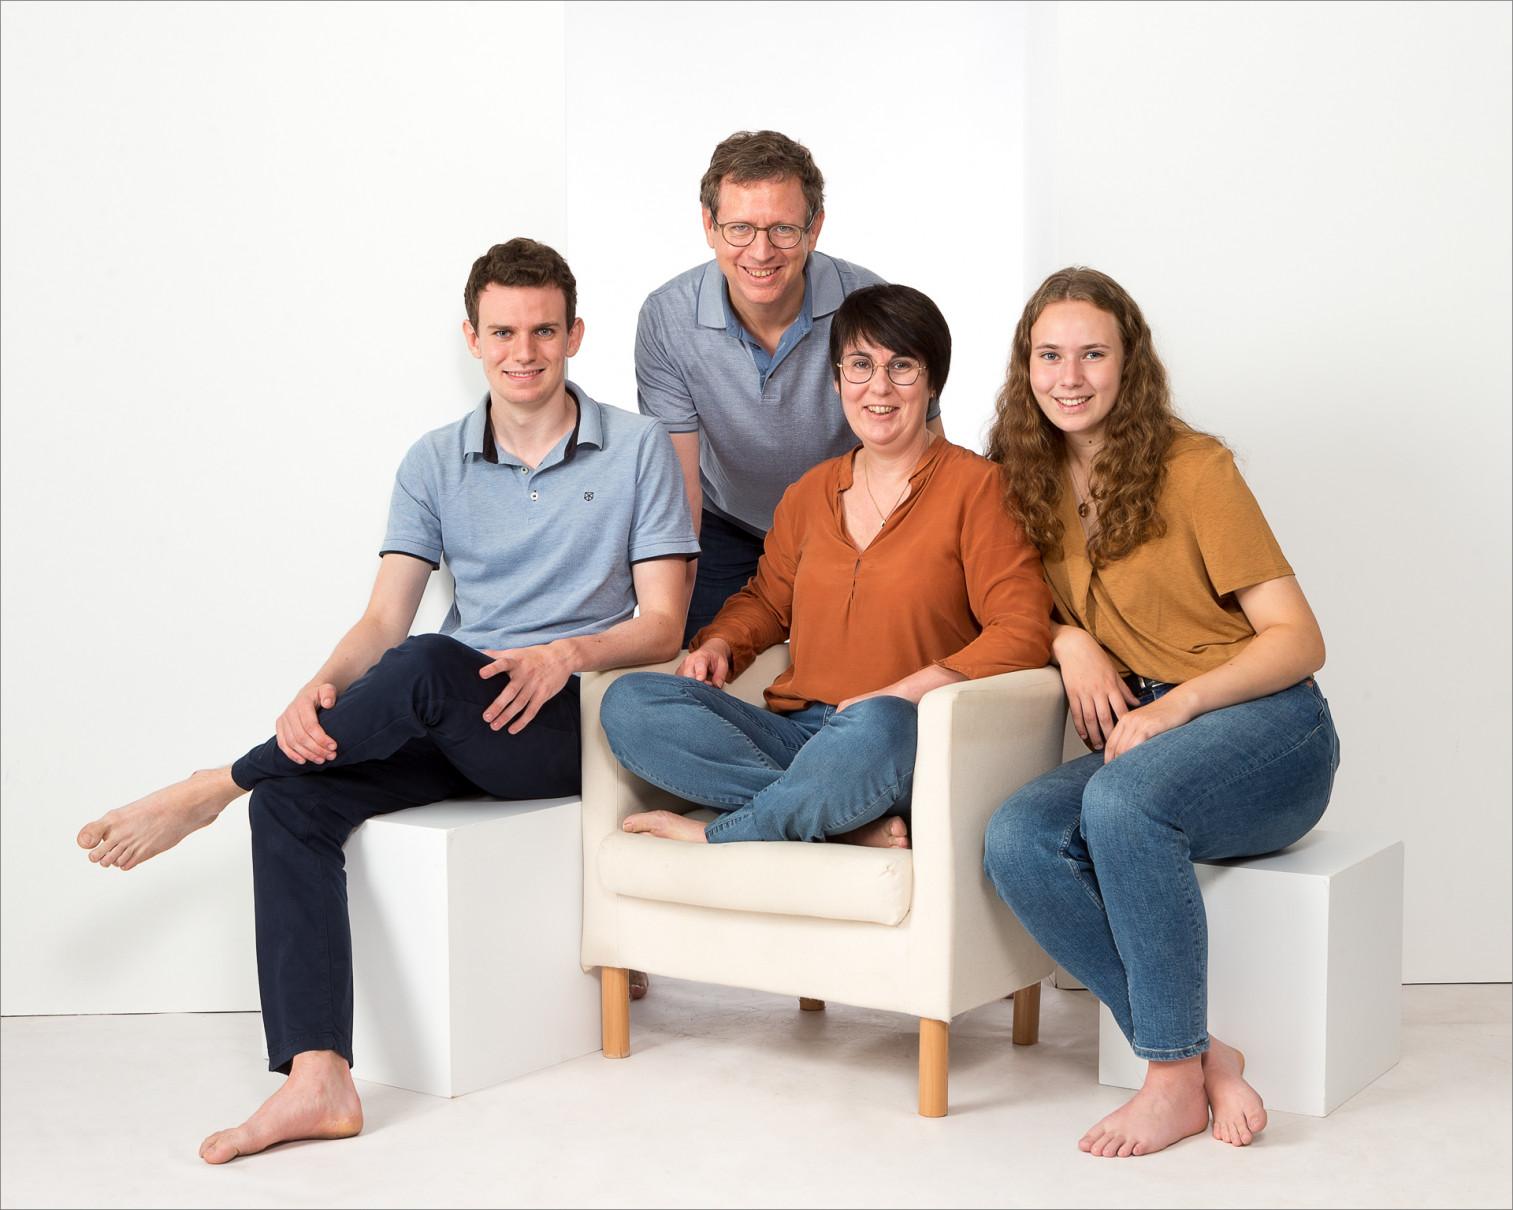 familiefoto_2020_035.jpg